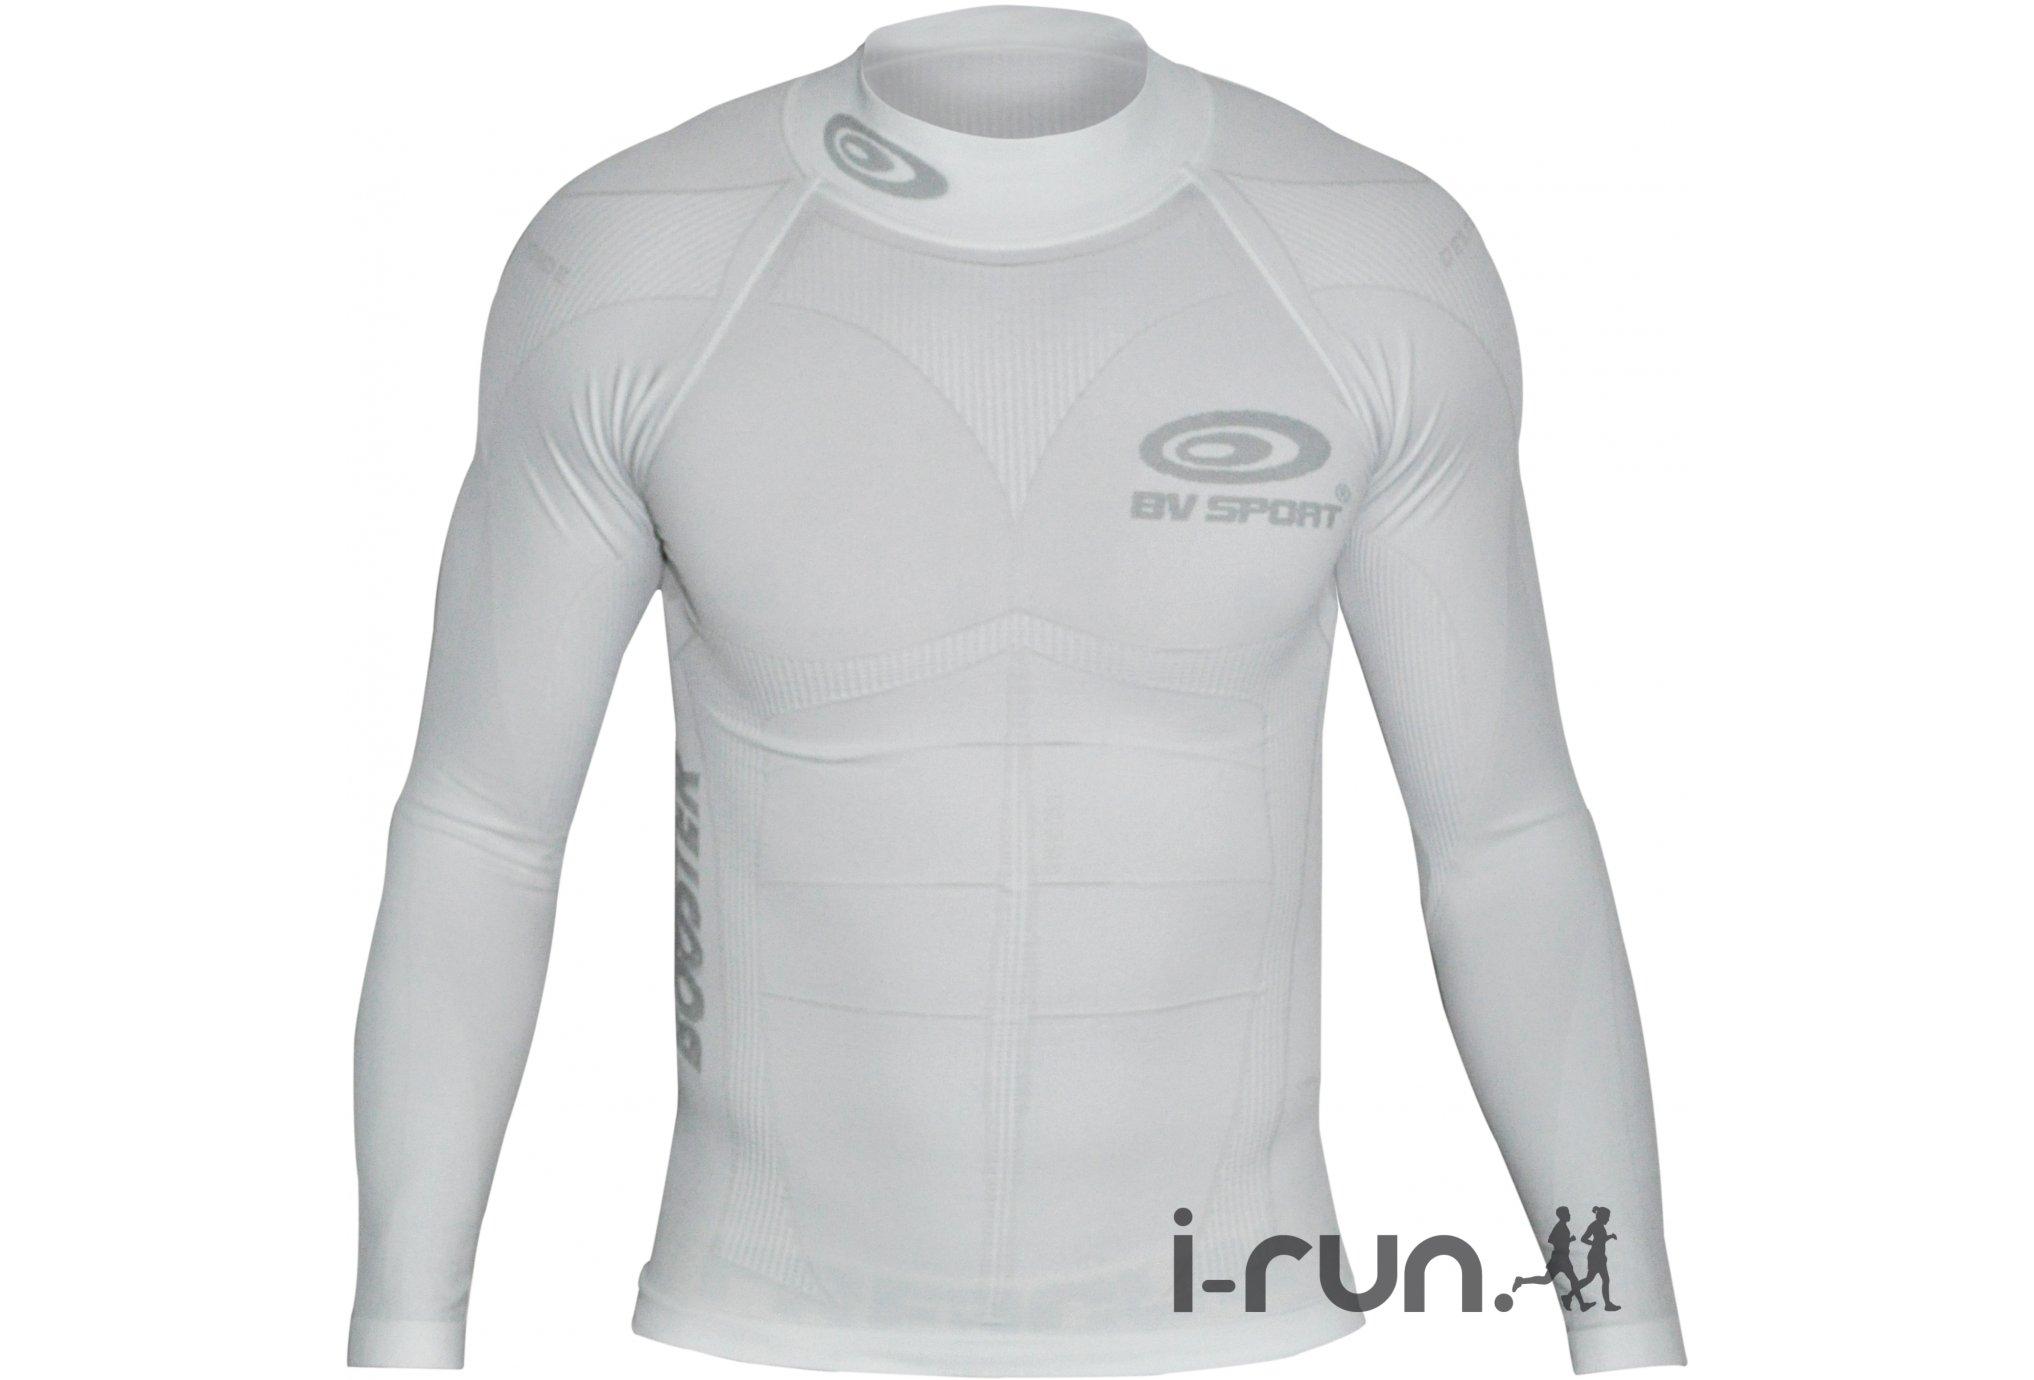 Nordicfit, Sport et Santé - BV Sport CSX Pro M vêtement running homme b4b9dfb854de